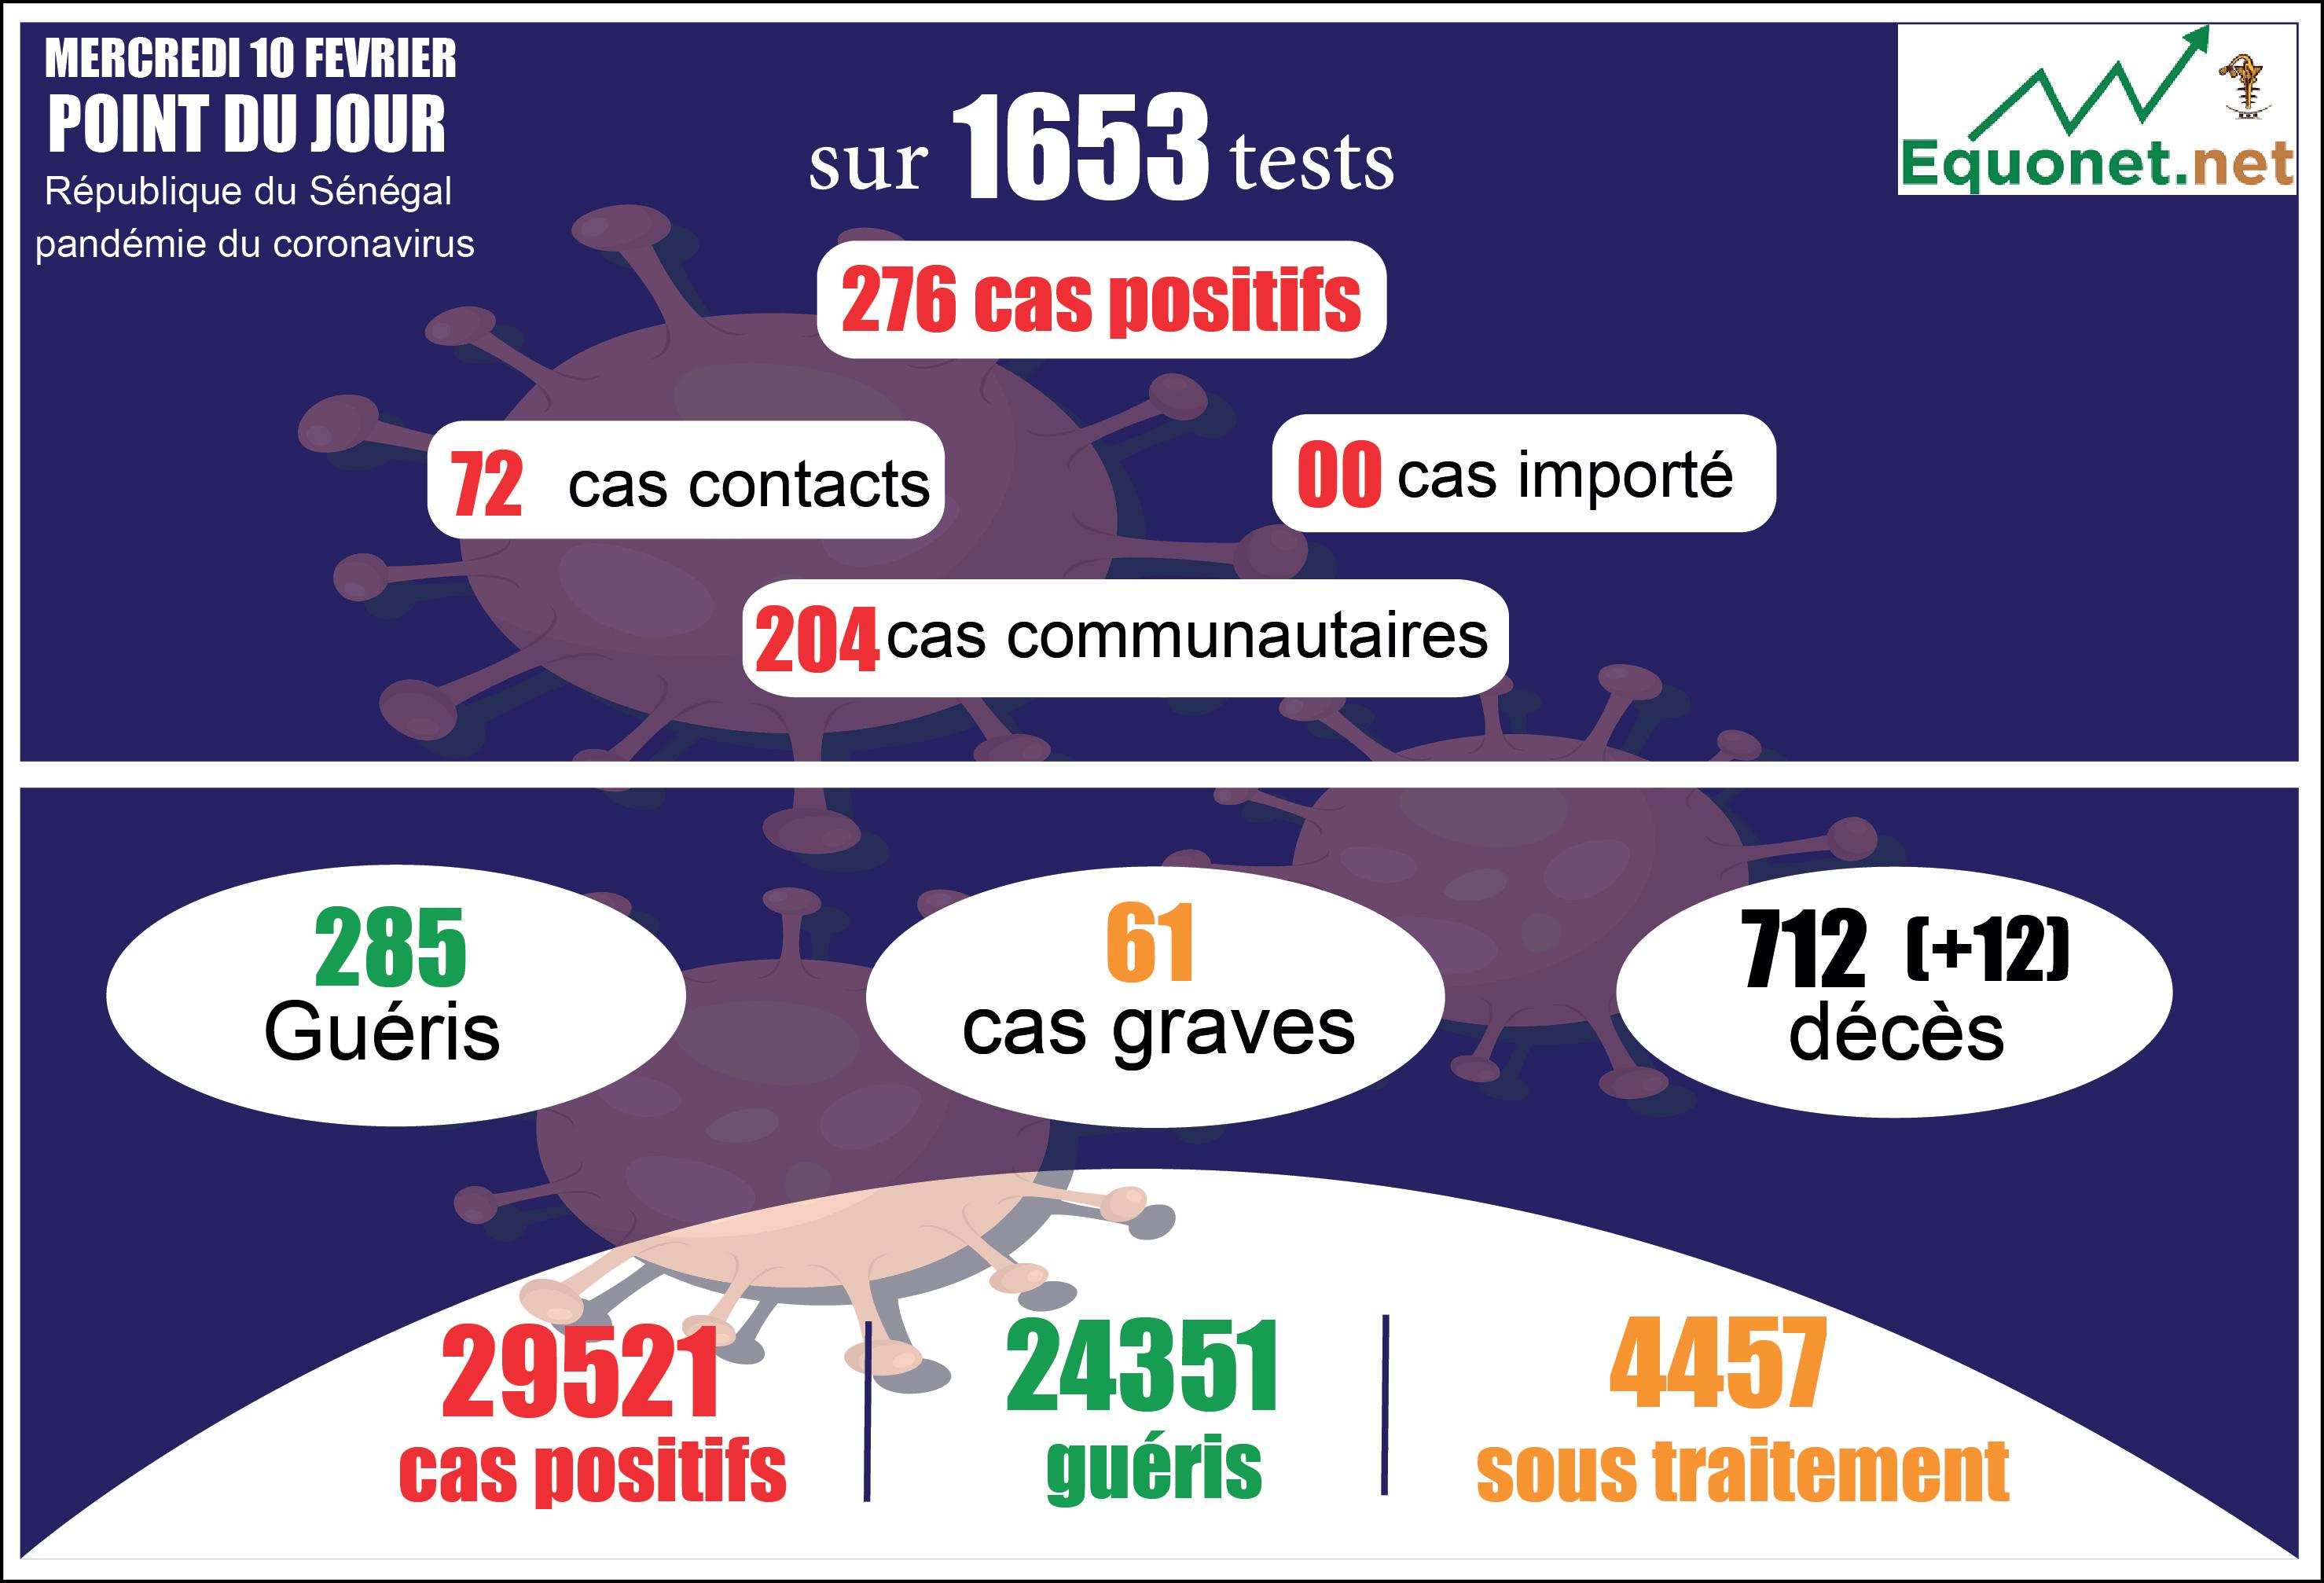 pandémie du coronavirus-covid-19 au sénégal : 204 cas communautaires et 12 décès enregistrés ce mercredi 10 février 2021